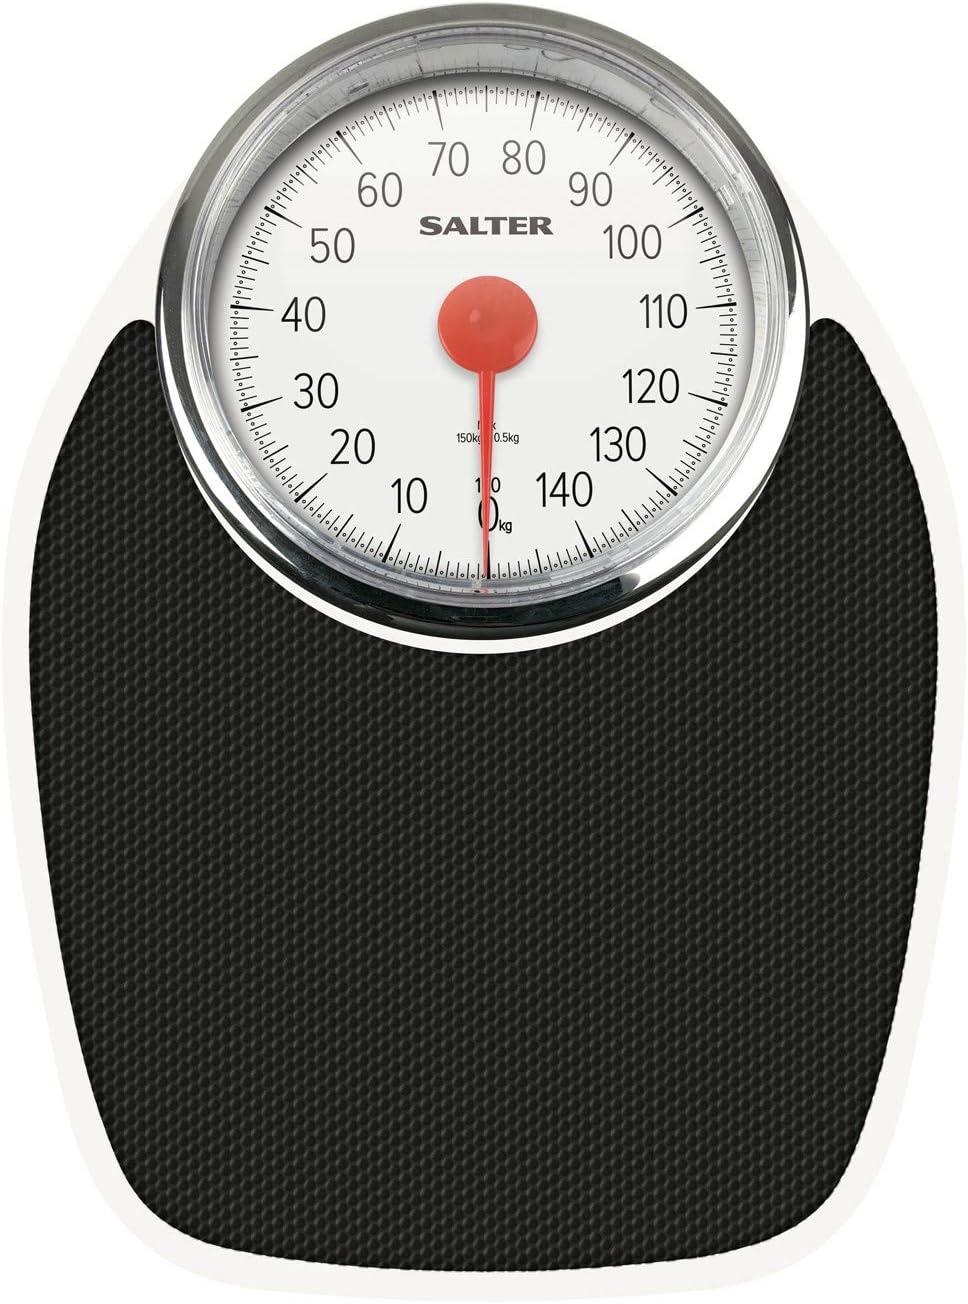 Salter Doctor's Style Báscula Mecánica de Baño – Balanza Clásica Retro Blanca y Negra, Visor Analógico Fácil de Leer, Plataforma de Metal Resistente, Pesa Hasta 150 Kg, Sin botones ni Pilas